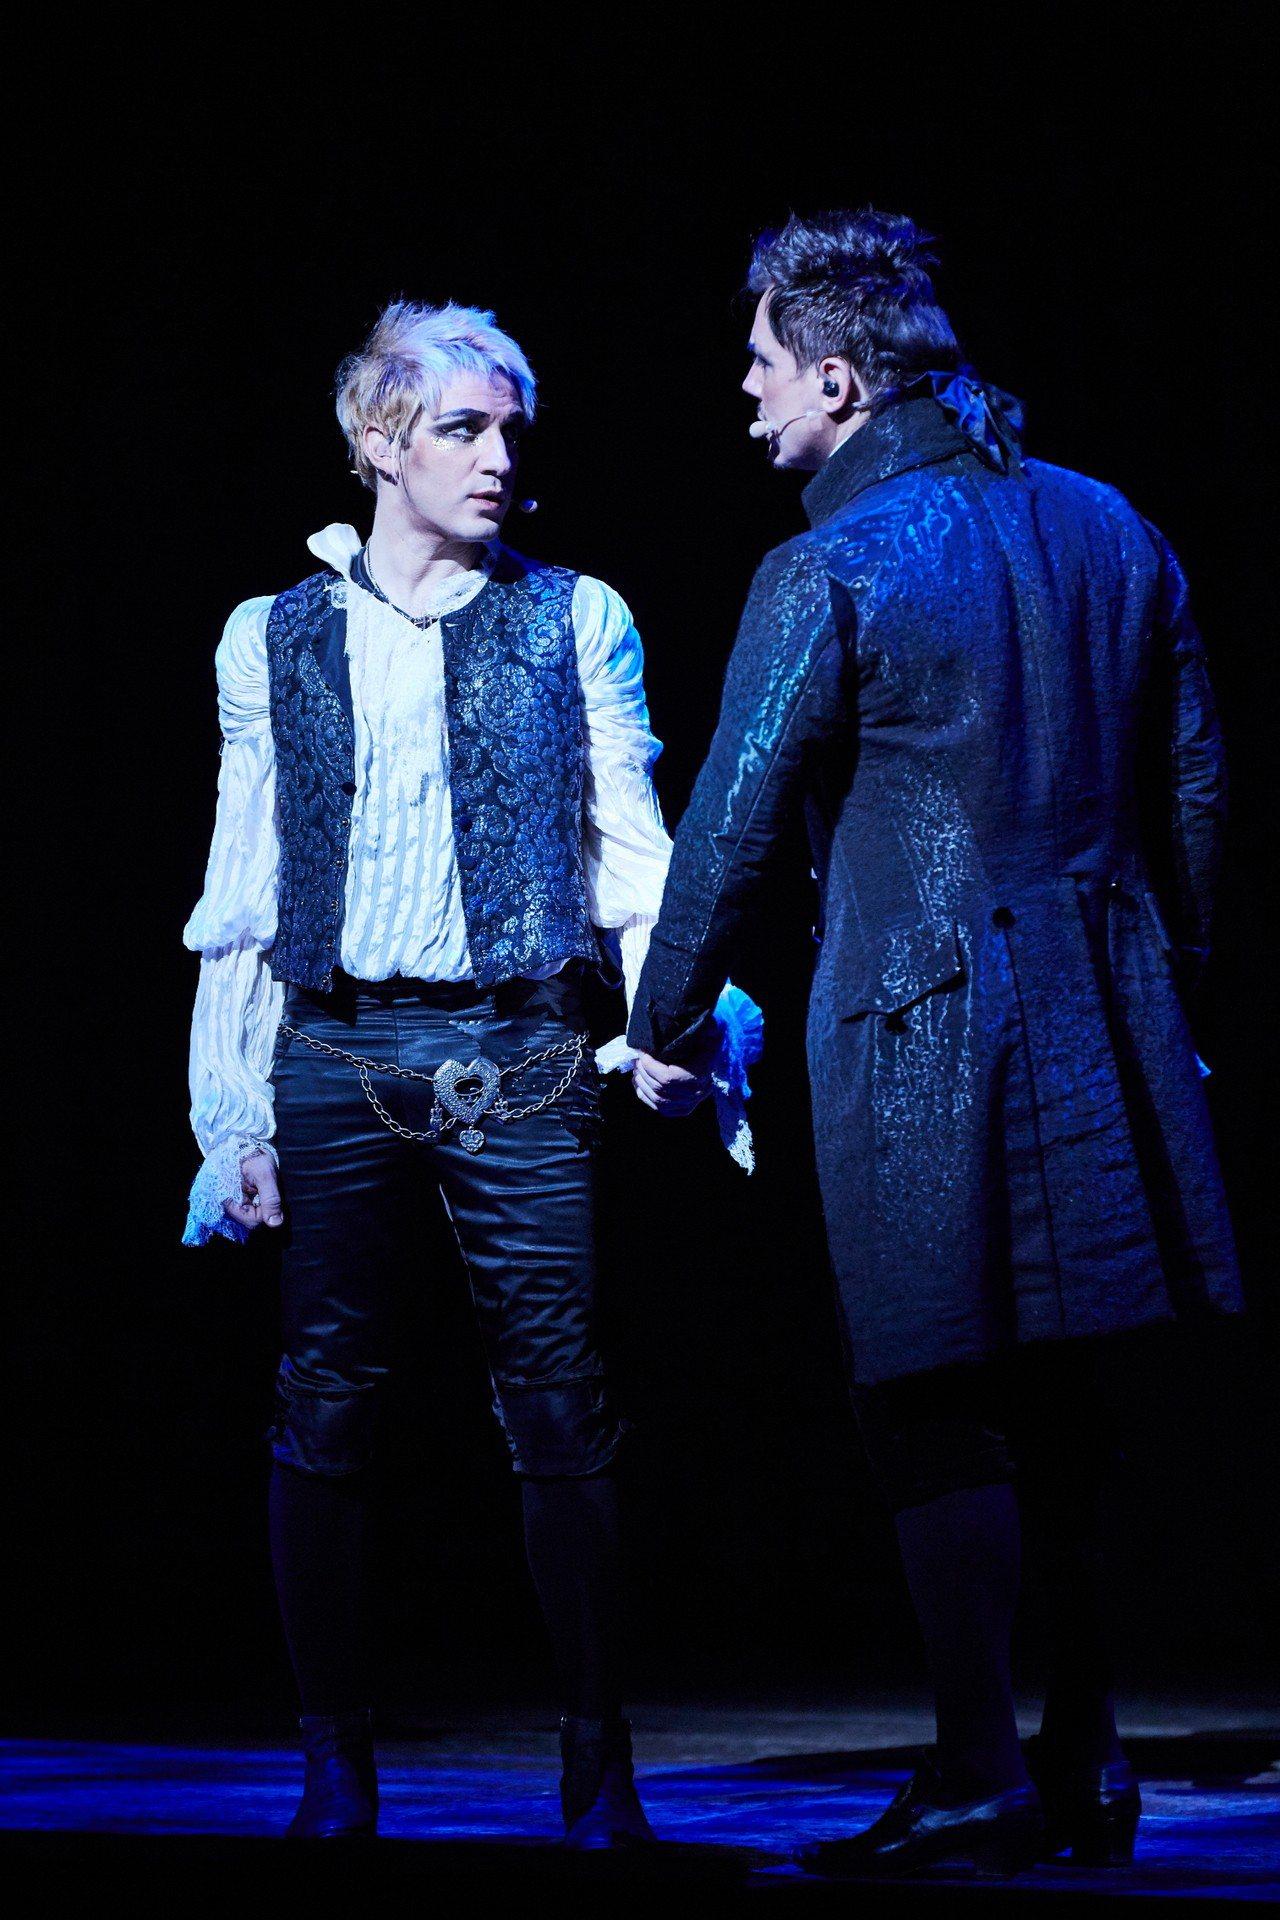 在音樂劇「搖滾莫札特」飾演莫札特的米開朗基羅•樂孔特(Mikelangelo L...